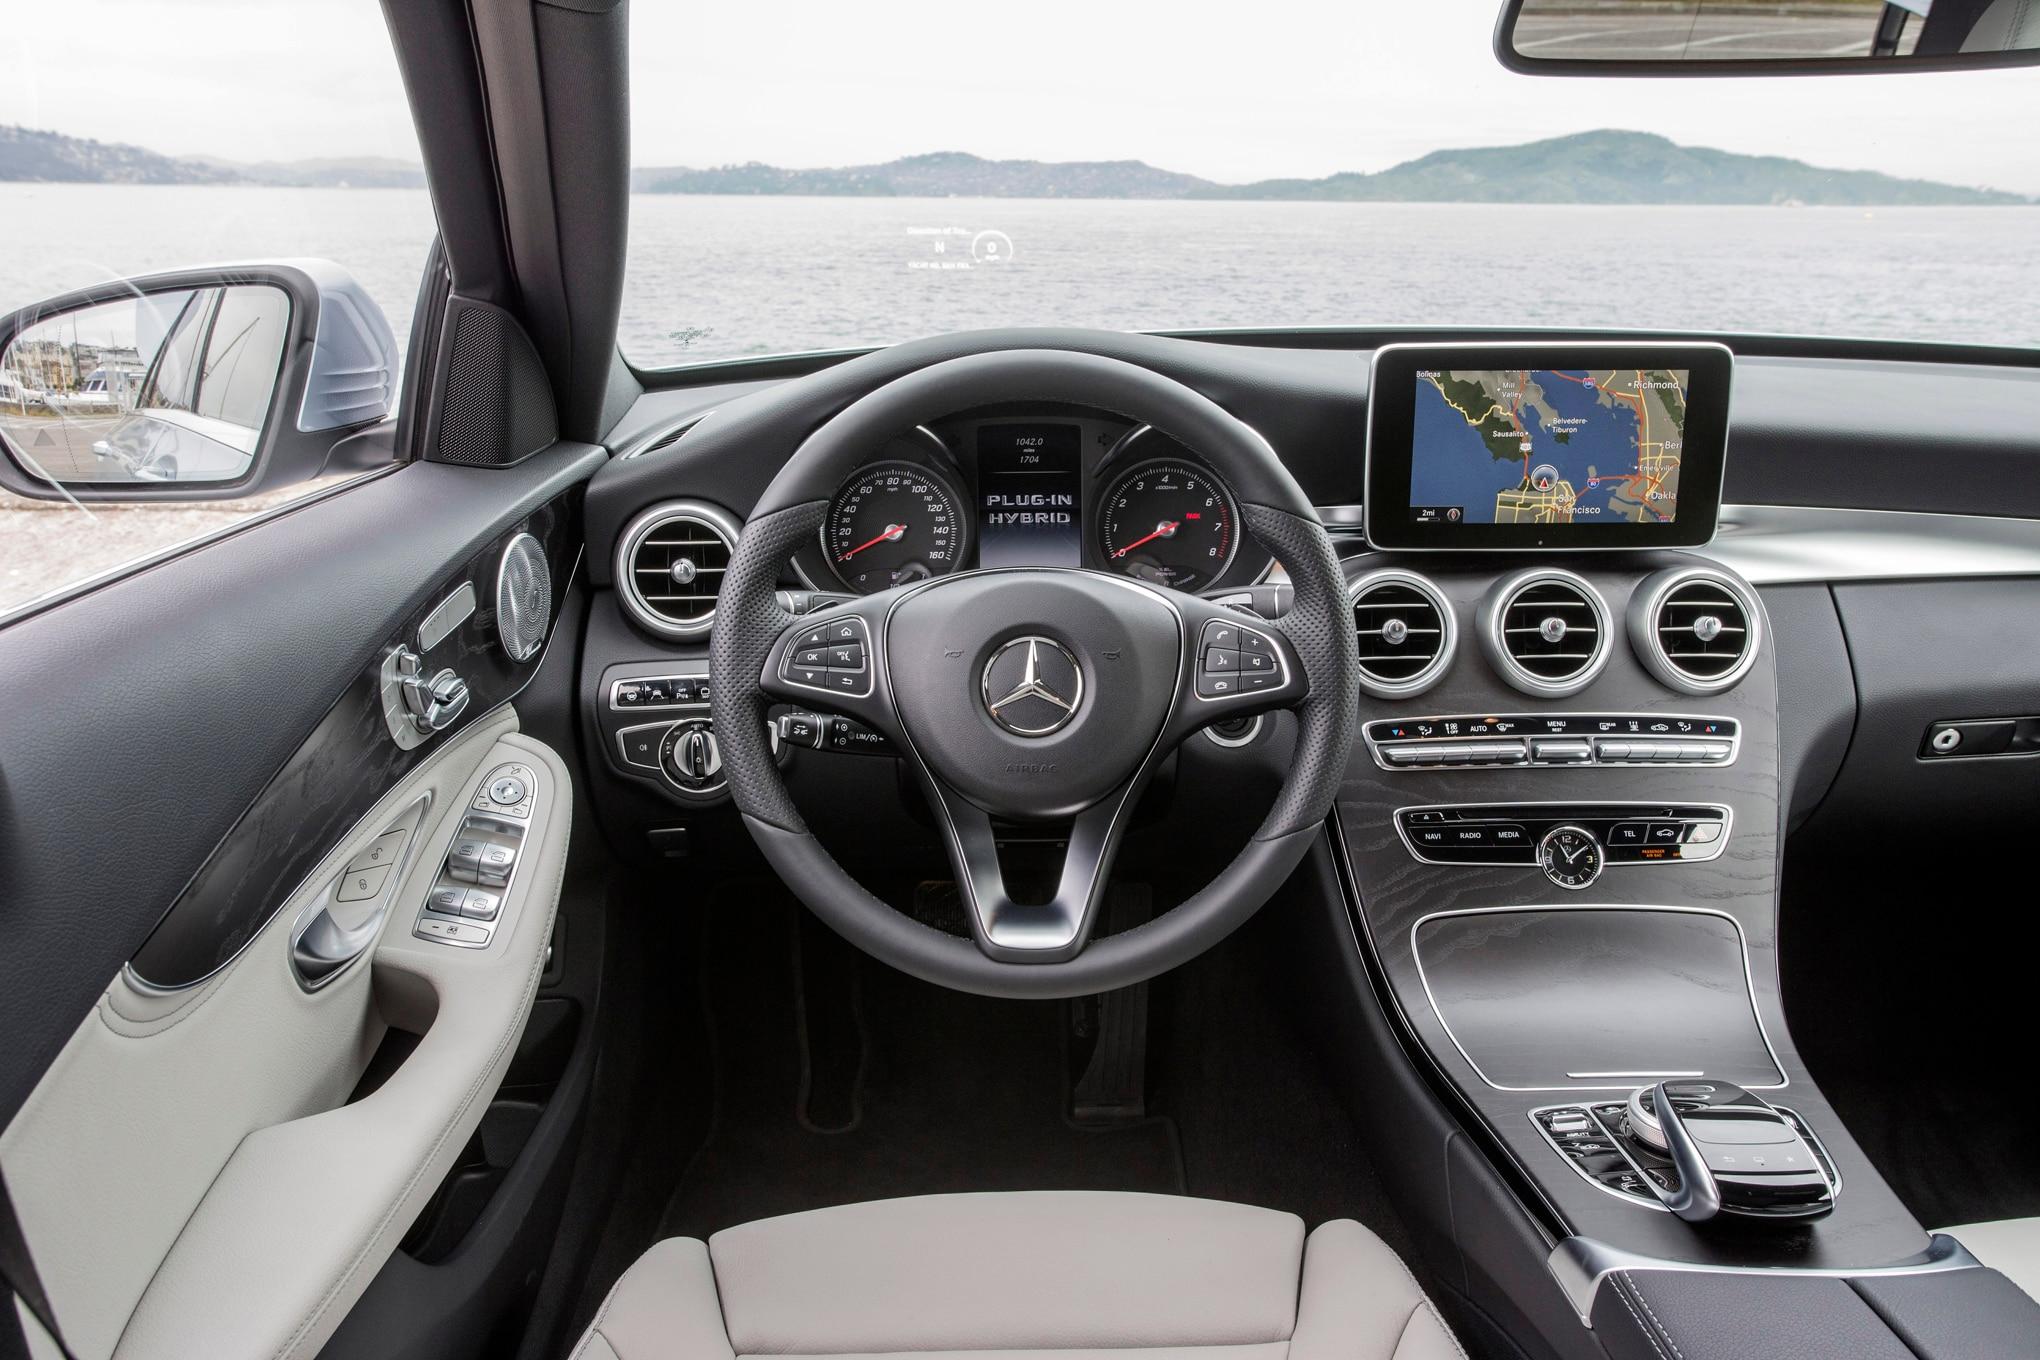 Mercedes-Benz C300d 4Matic Diesel Arrives for 2016 | {Auto cockpit mercedes 46}